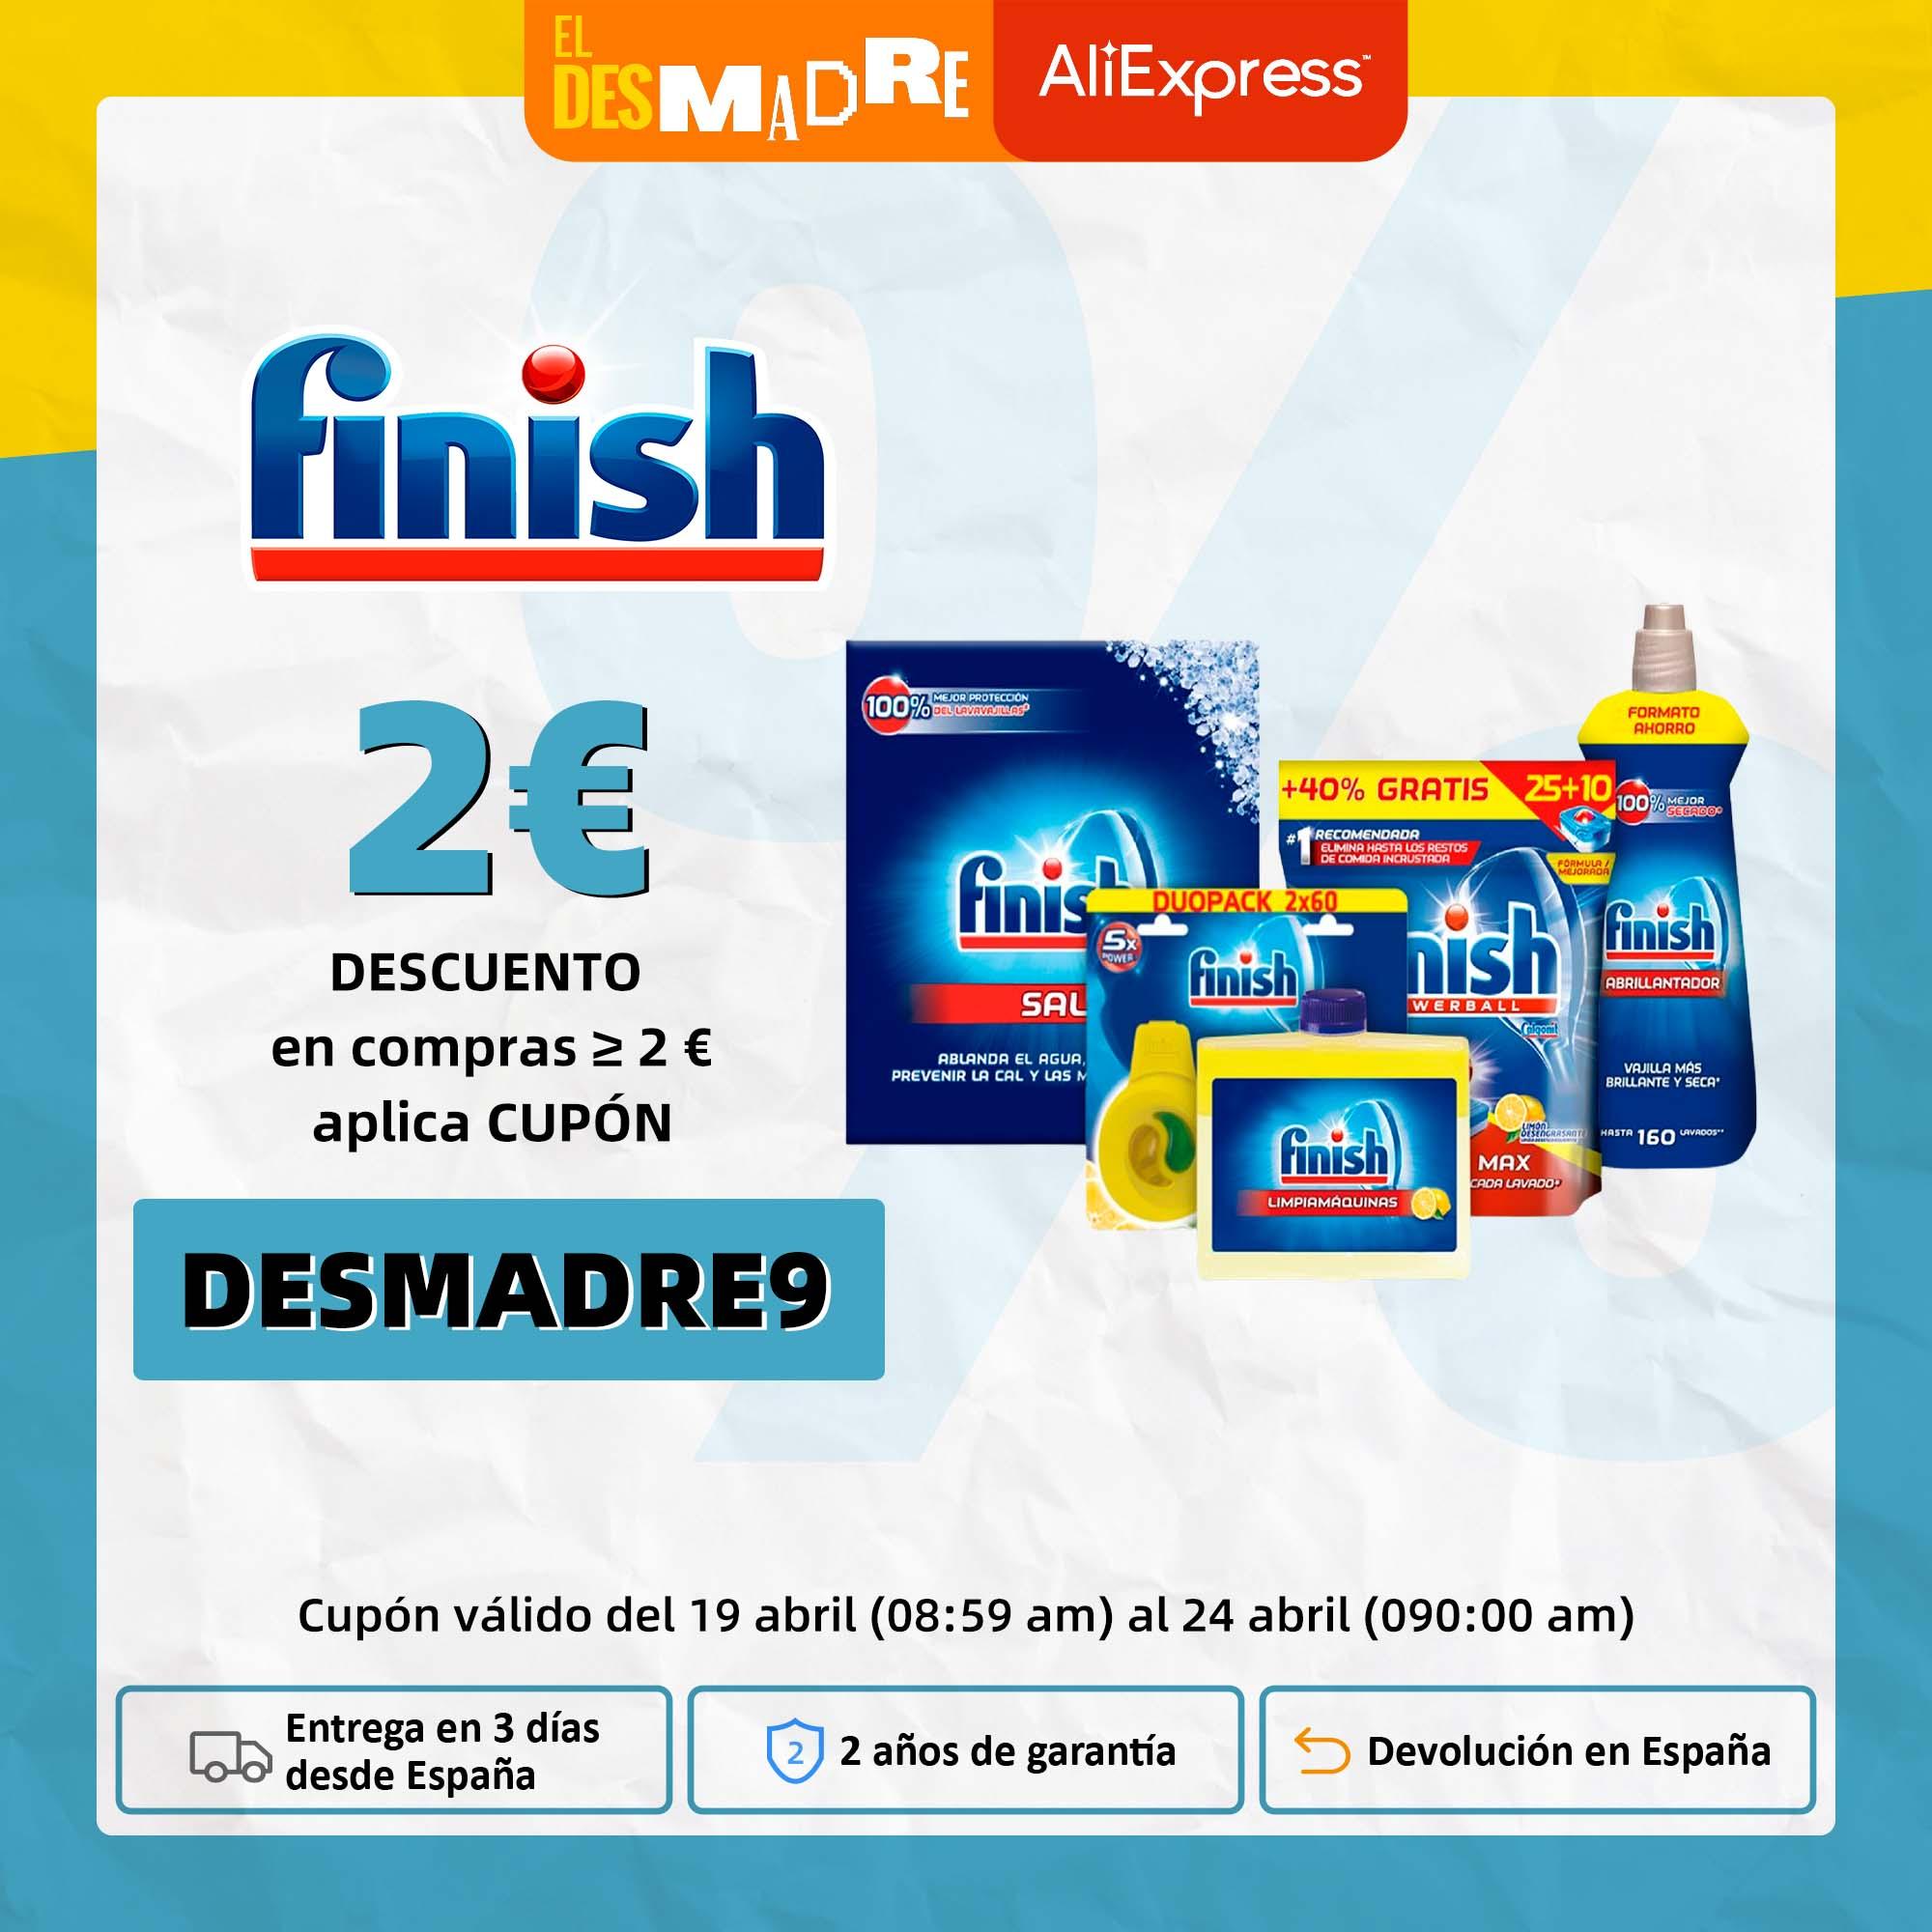 Megapack, экономичная Отделка: таблетки для посудомоечной машины, все в 1, помогает краску, соль, освежитель воздуха, очищающее средство